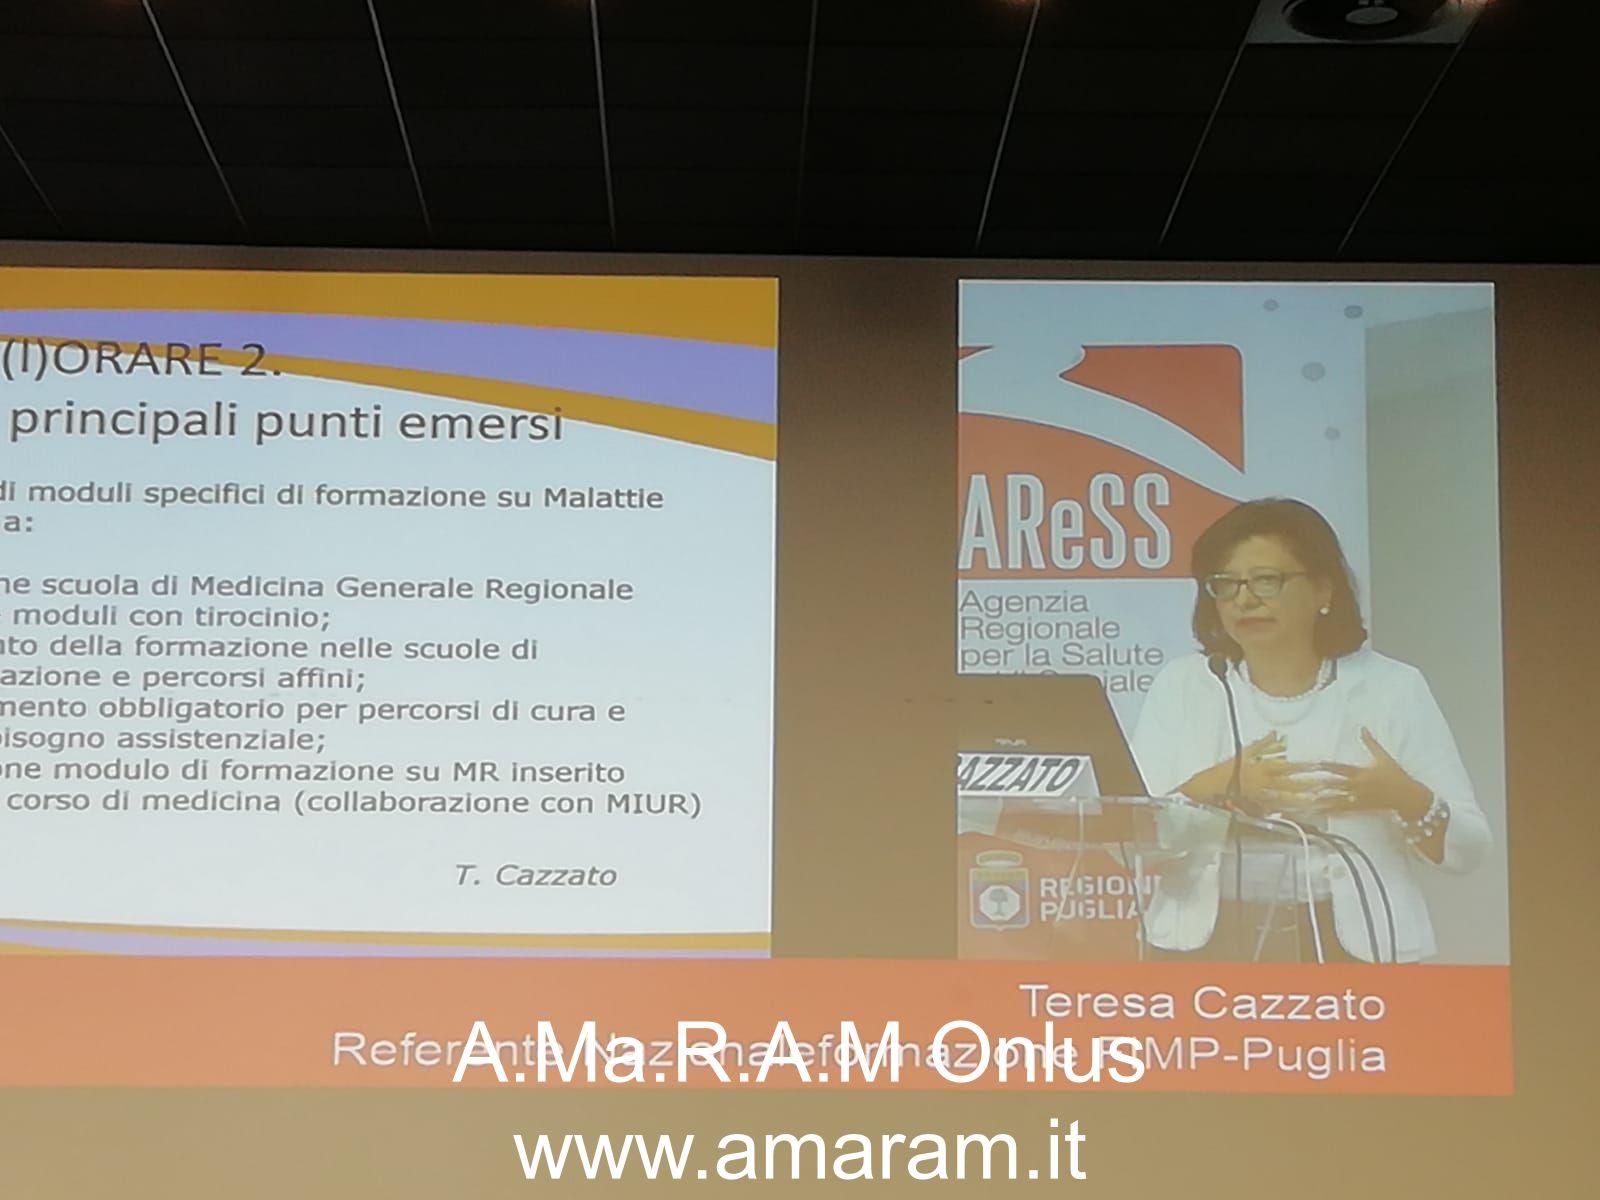 Amaram-Onlus-19-settembre-2019-12